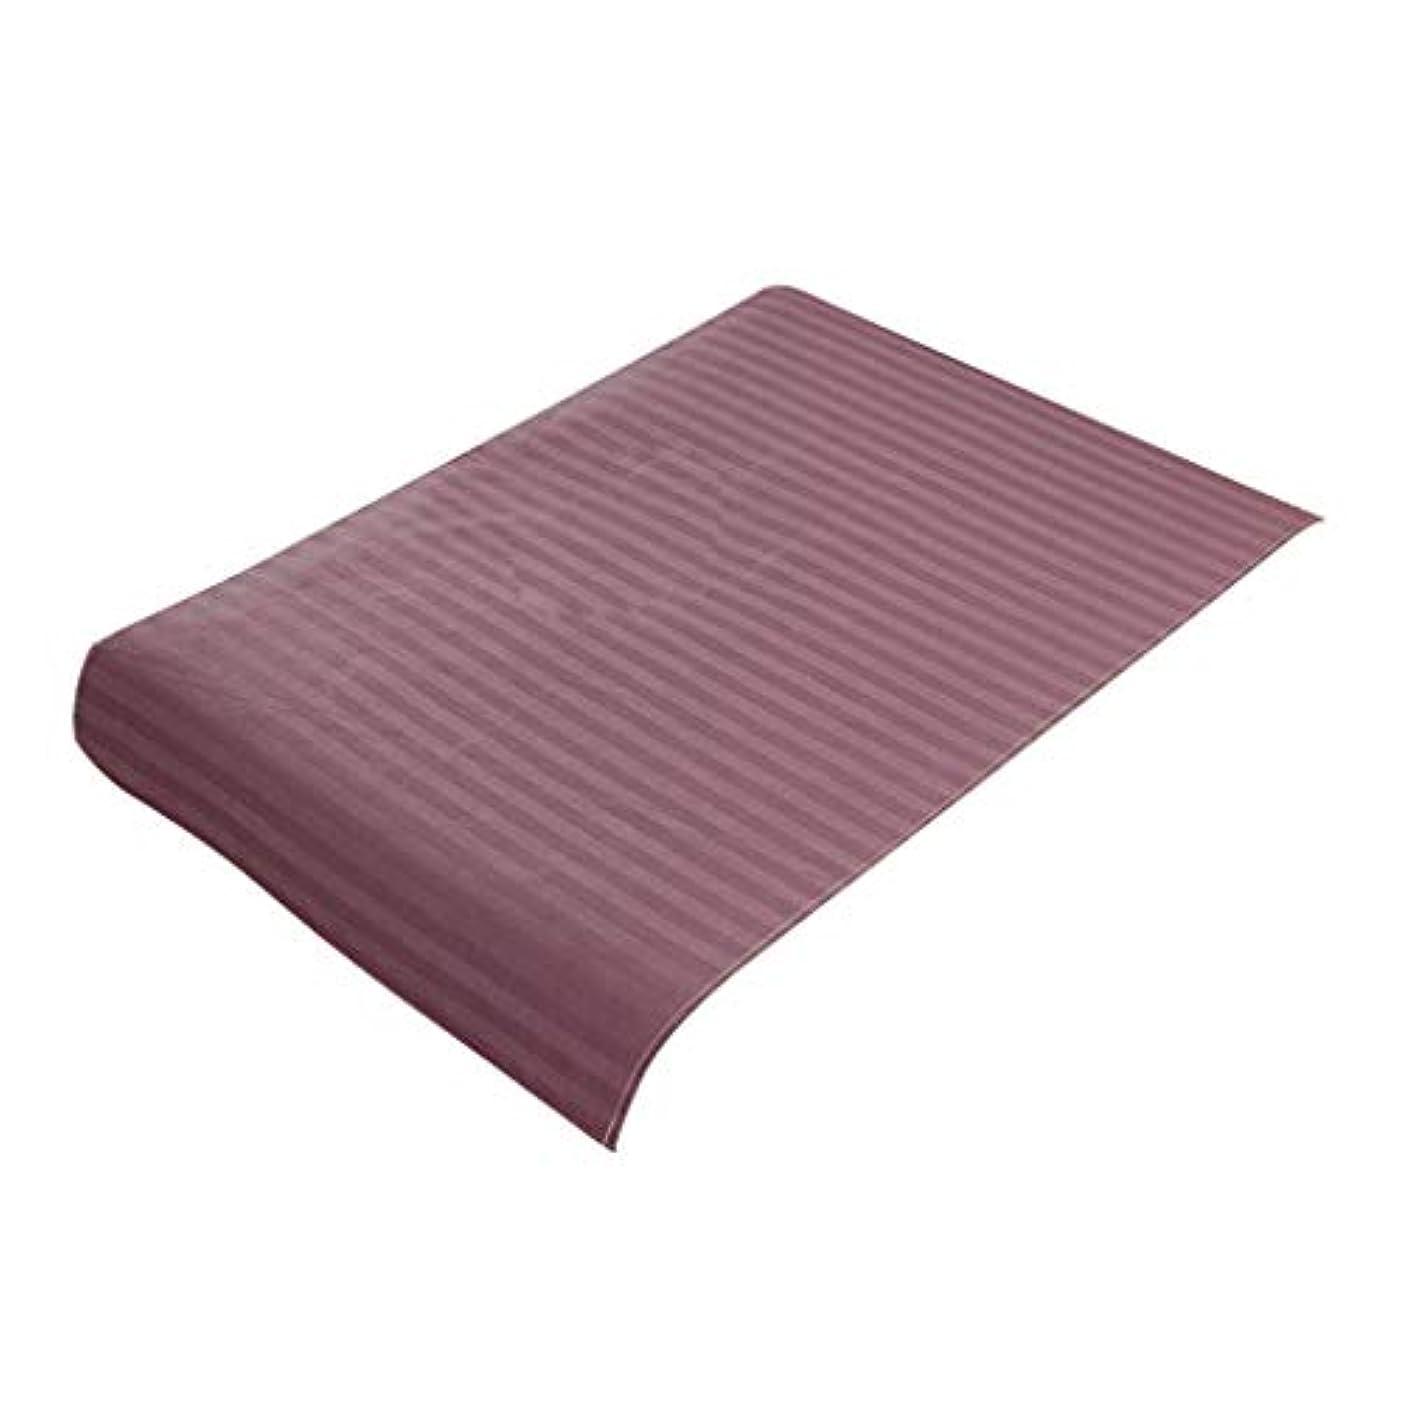 ピストン乙女ハーネスPerfeclan ベッドカバー 美容 サロン スパ マッサージ ベッドシート フェース用 ピュアコットン - 紫